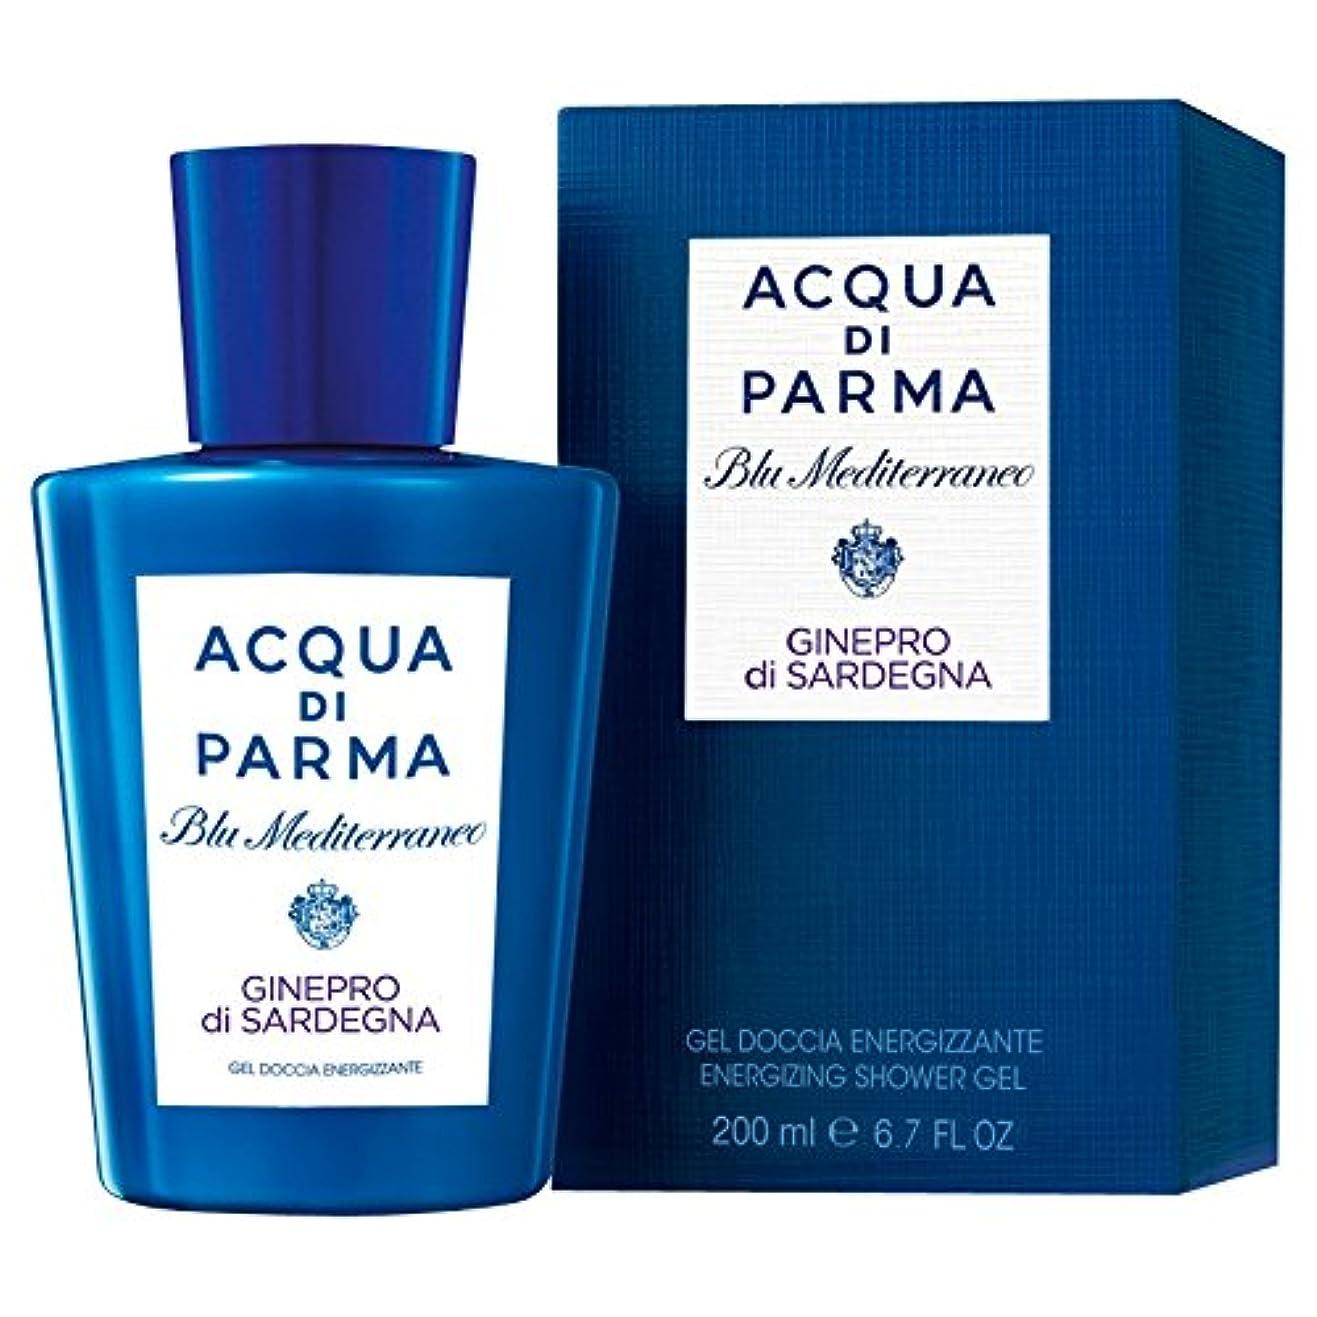 配列アーティスト懲らしめアクア?ディ?パルマブルーメディGineproのディサルデーニャシャワージェル200ミリリットル (Acqua di Parma) - Acqua di Parma Blu Mediterraneo Ginepro Di...